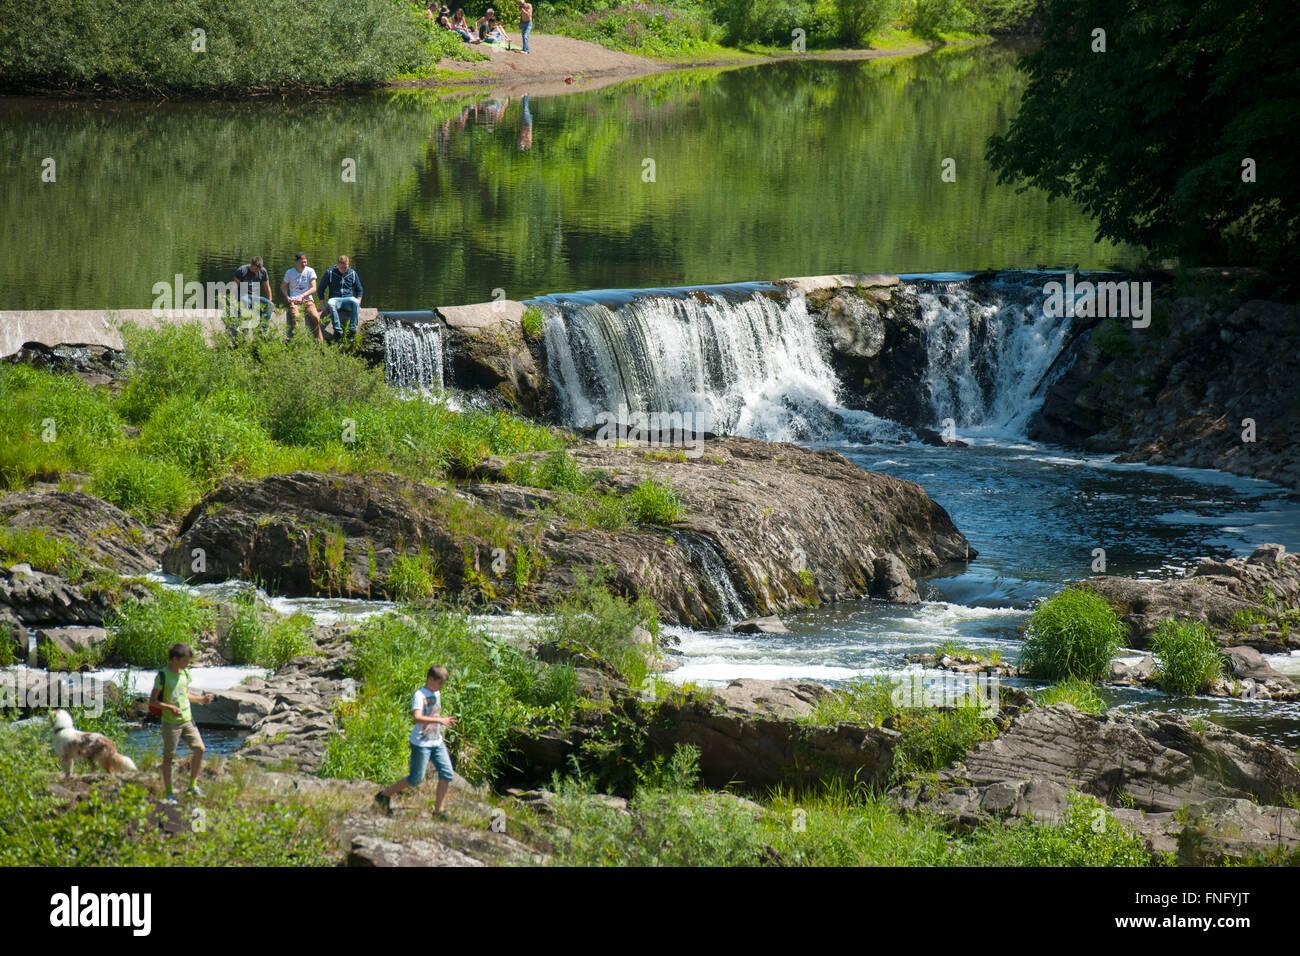 Deutschland, Nordrhein-Westfalen, Rhein-Sieg-Kreis, Windeck-Schladern, Wasserfall der Sieg Stock Photo